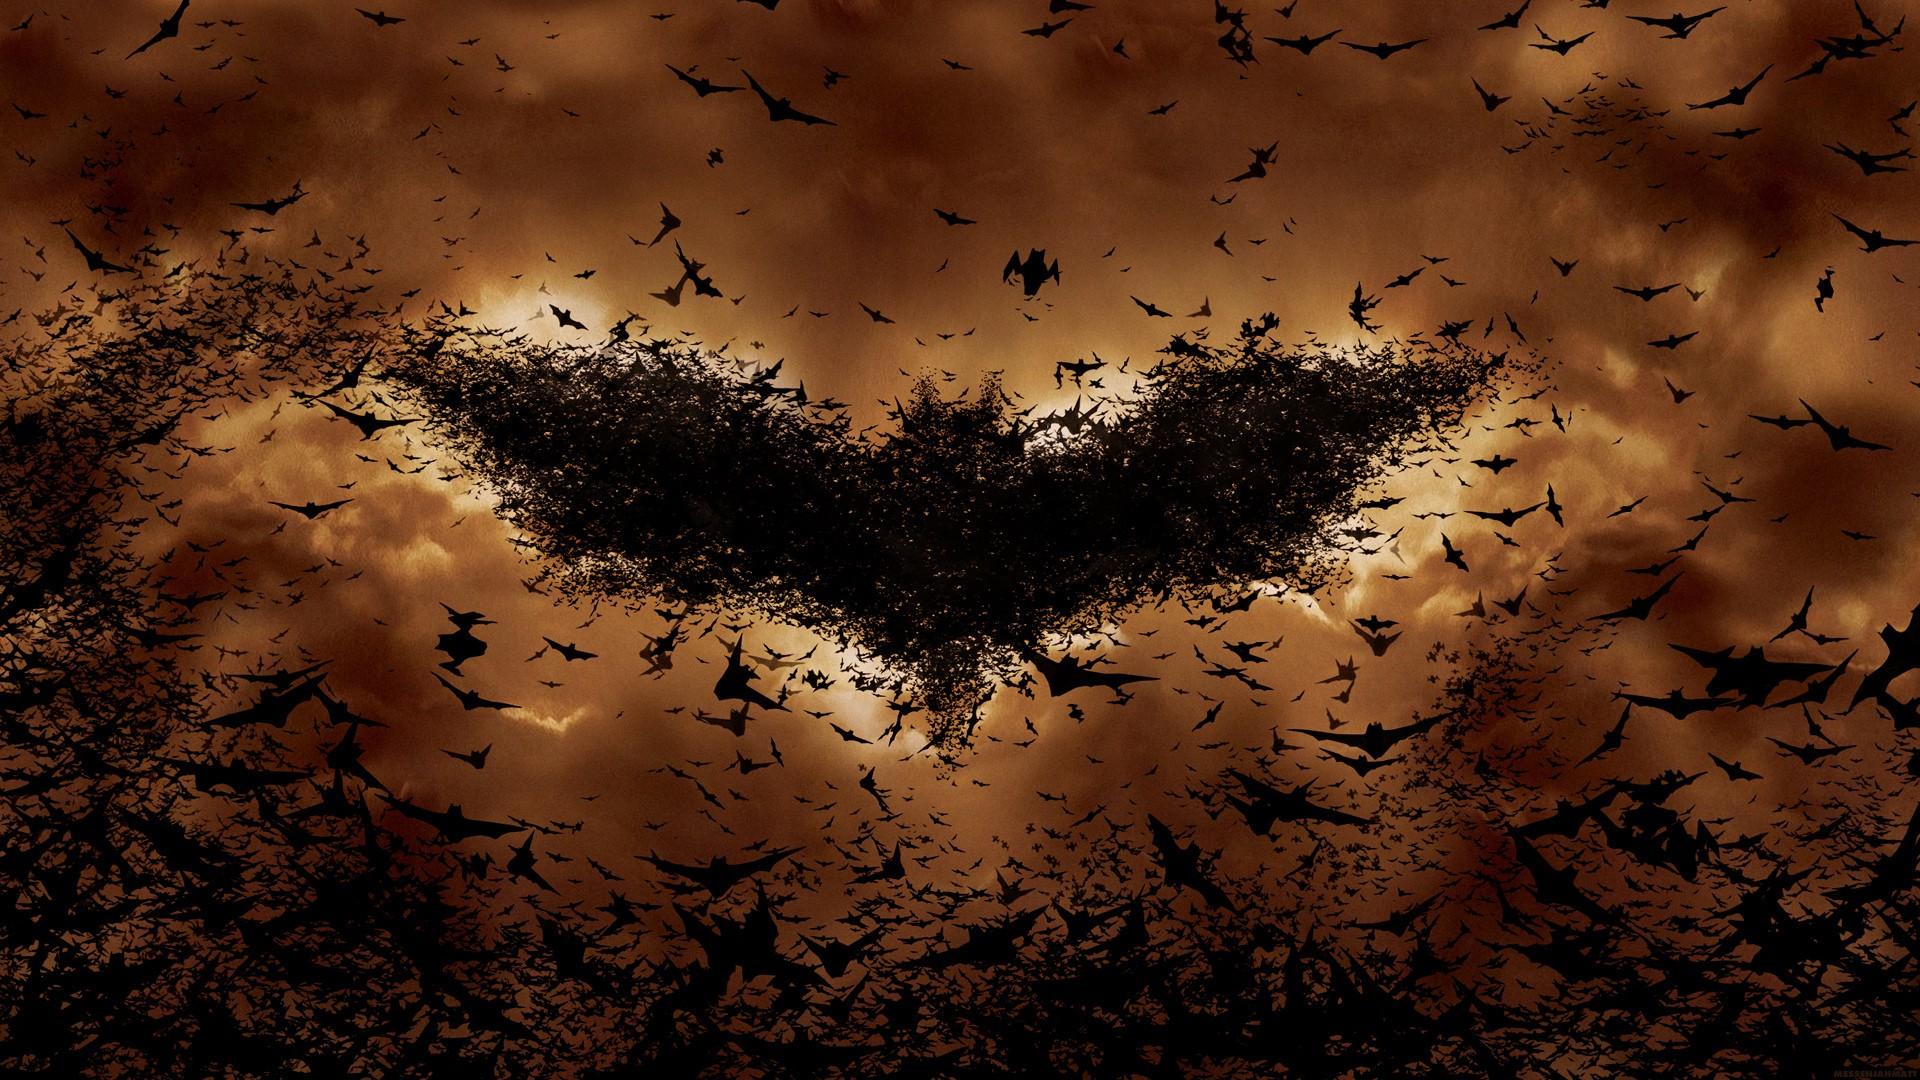 Batman Begins by Paullus23